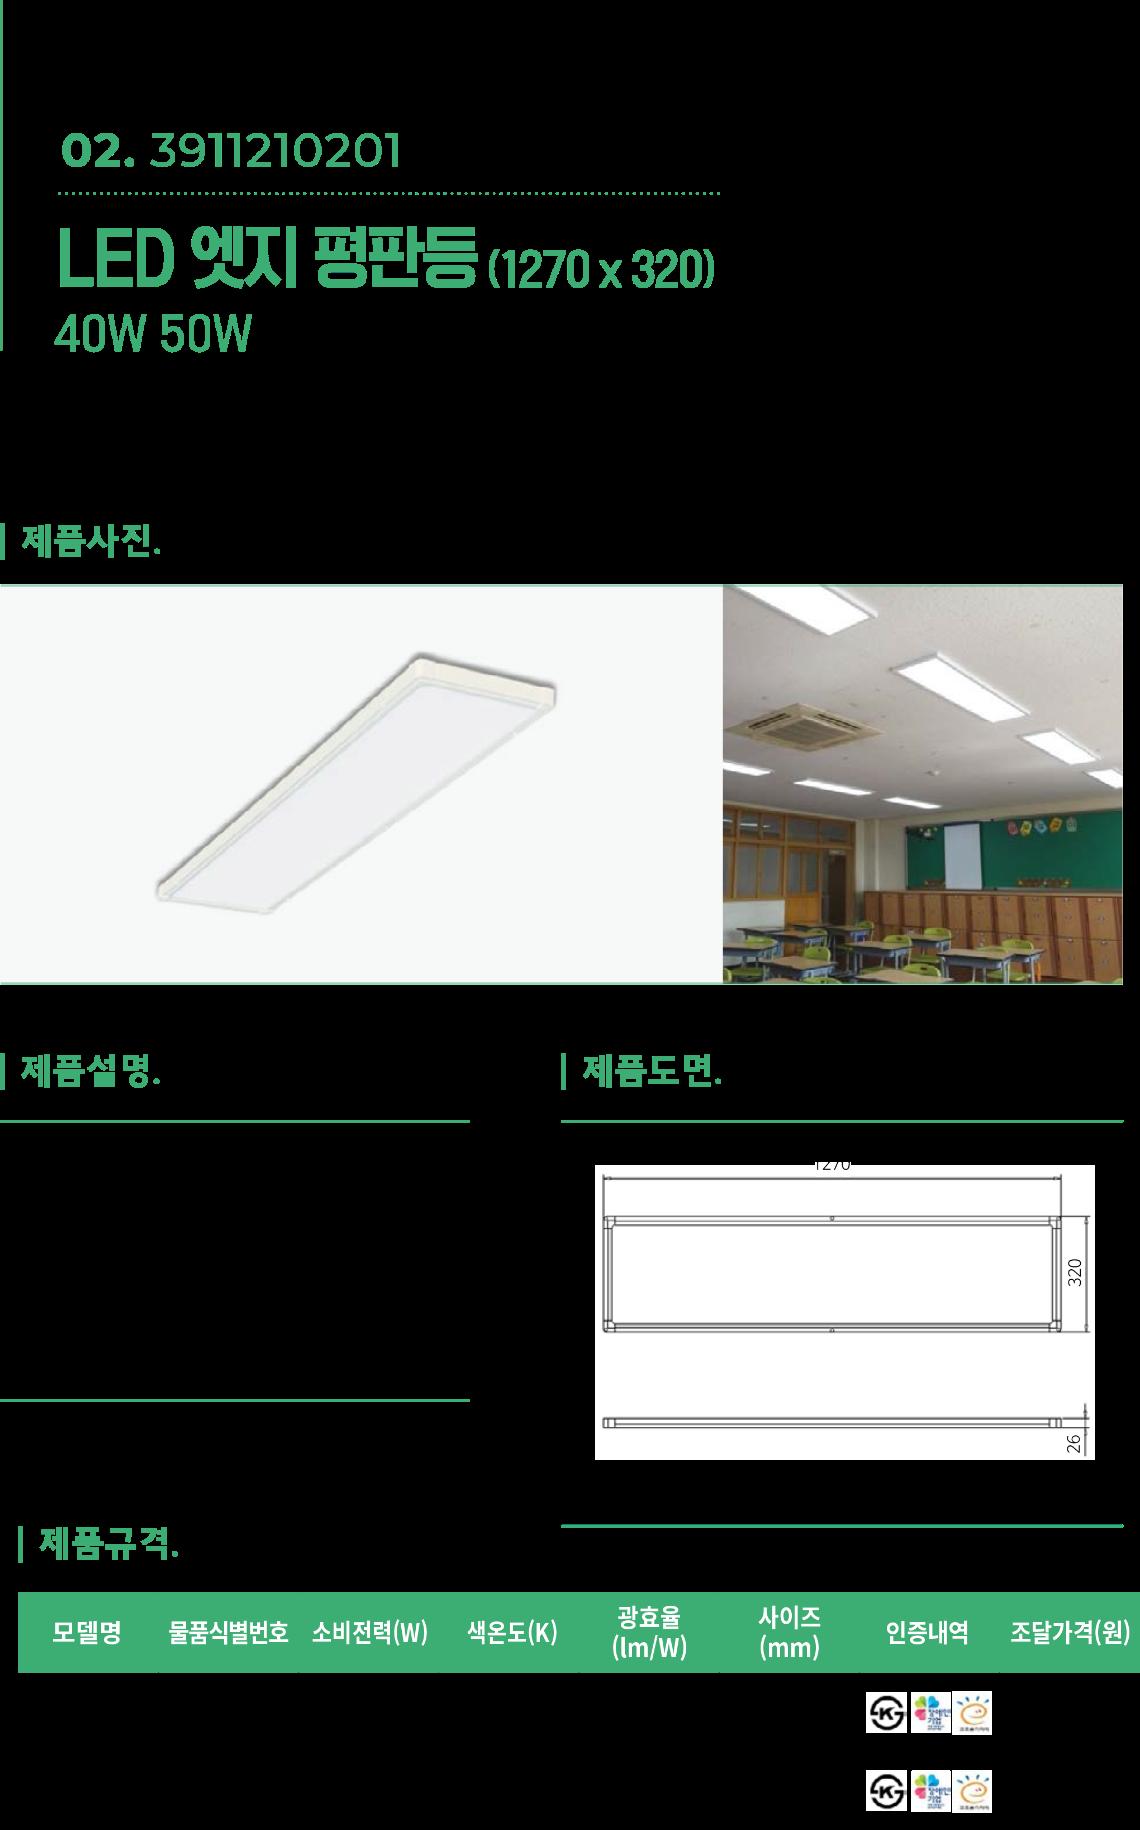 LED-엣지-평판등-1270-40w.png